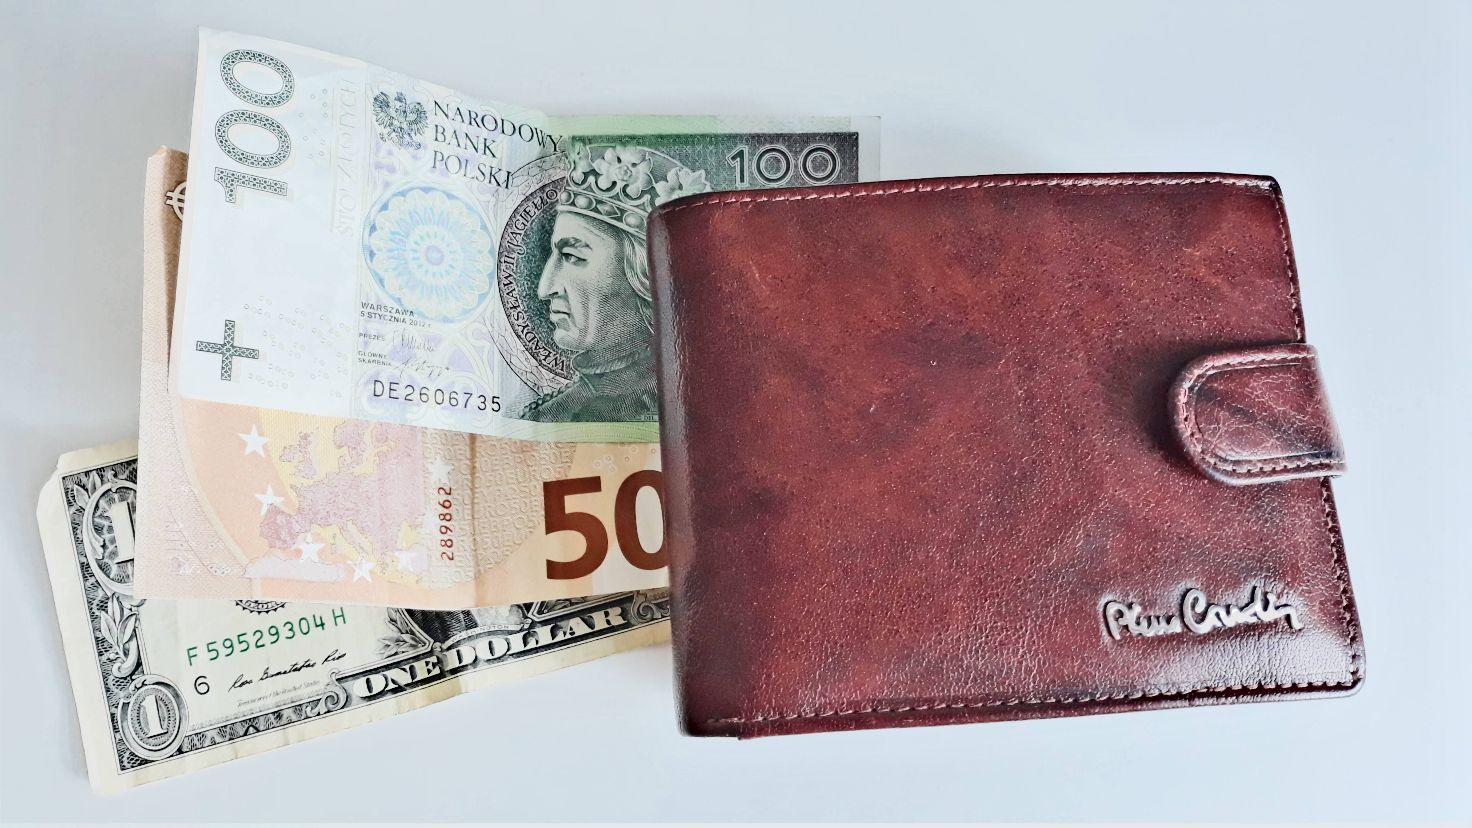 Pusty portfel to problem znany od wieków. Zasady zarabiania, gromadzenia i pomnażania pieniędzy nie zmieniły się również od wieków. Na zdjęciu widać mój portfel